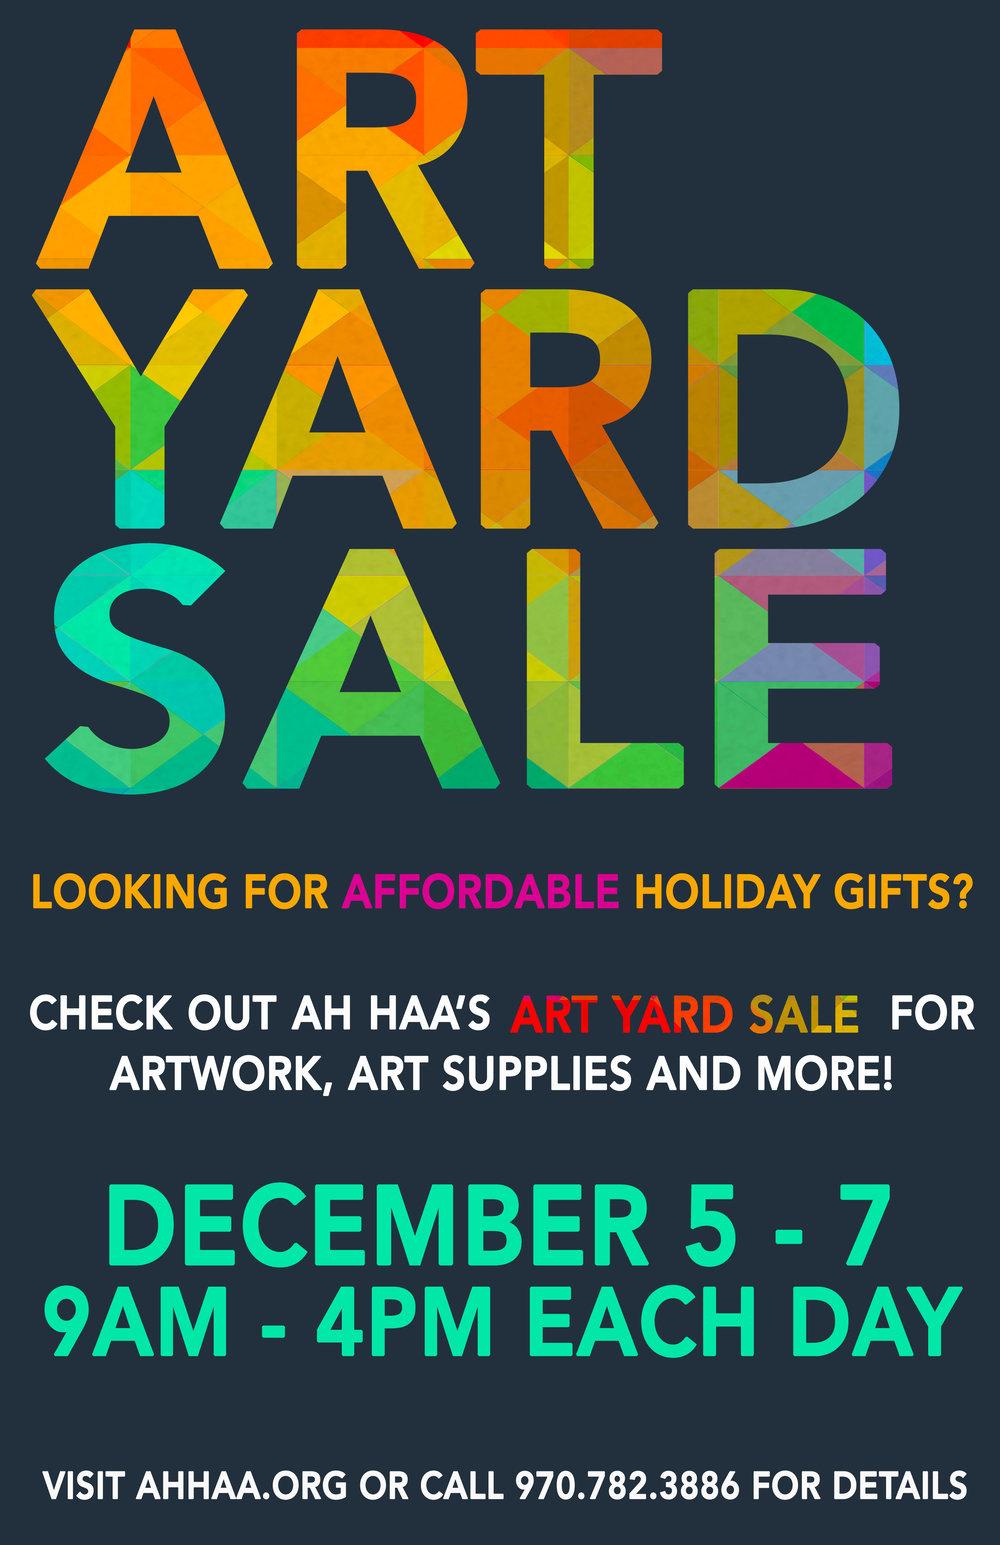 art yard sale a.jpg